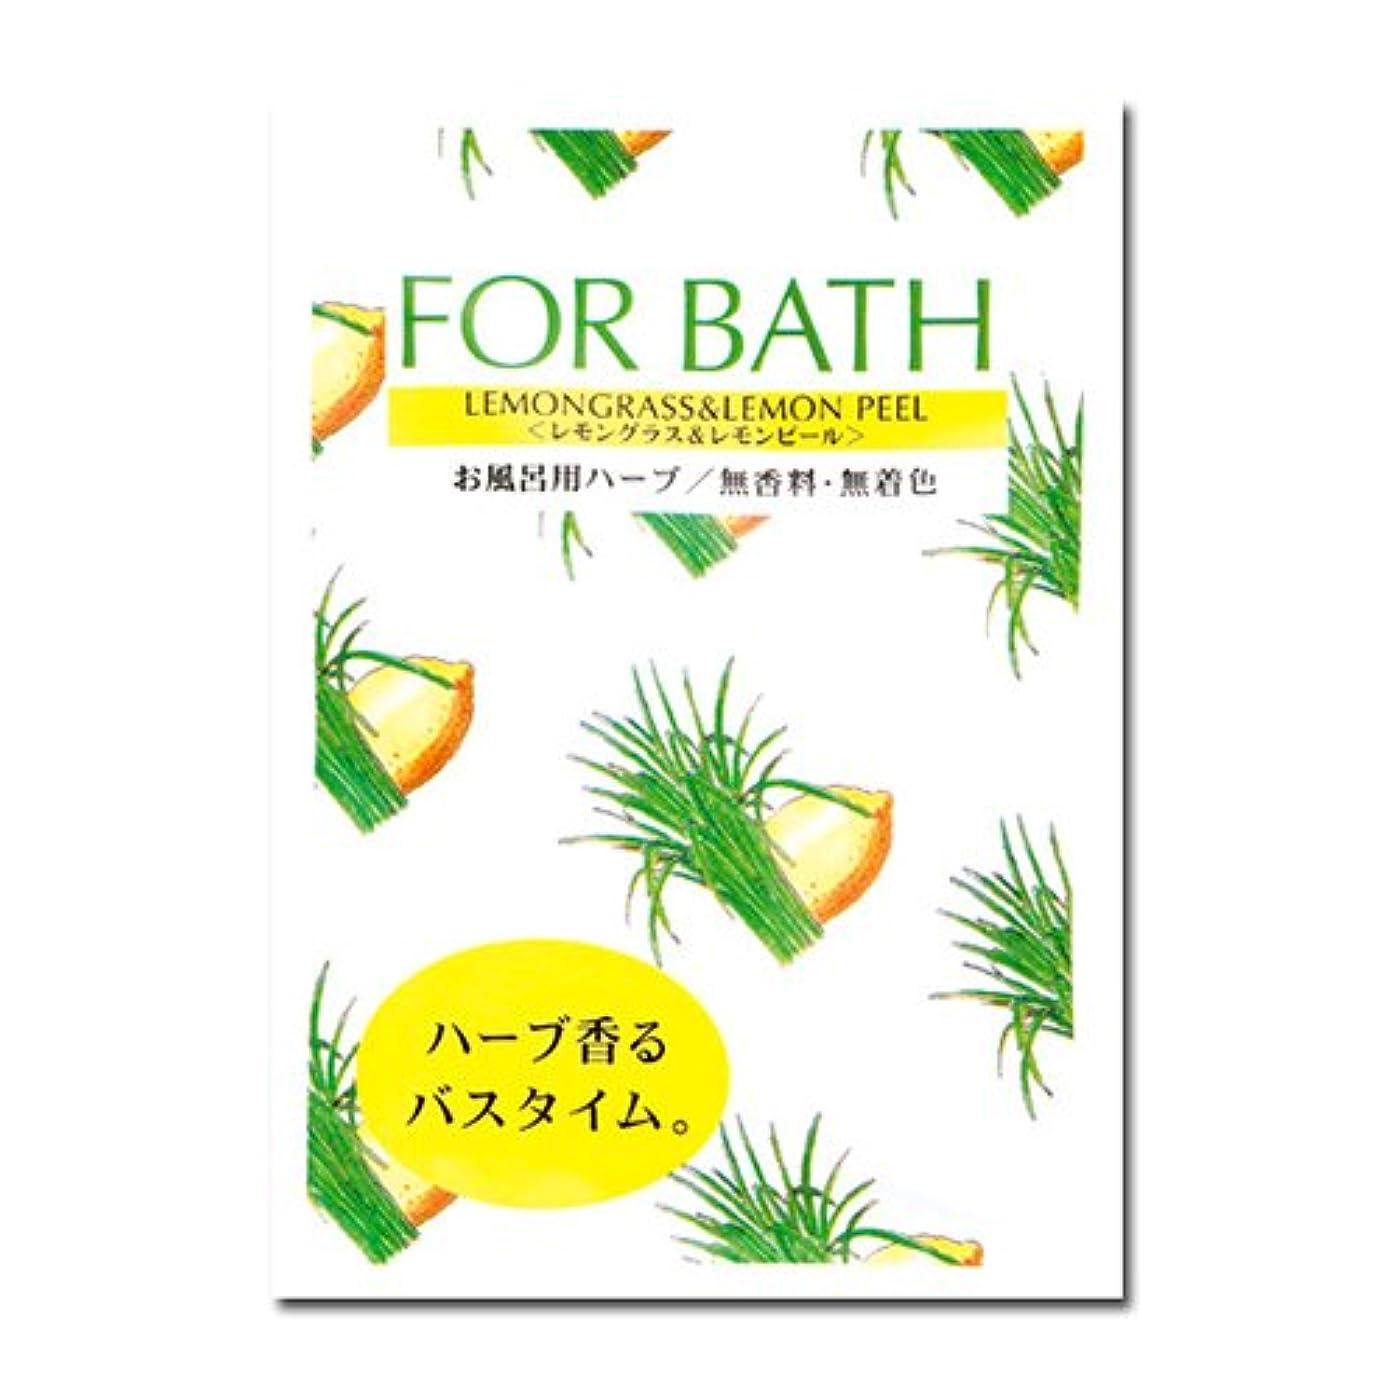 成分ハブアブストラクトフォアバス レモングラス&レモンピールx30袋[フォアバス/入浴剤/ハーブ]